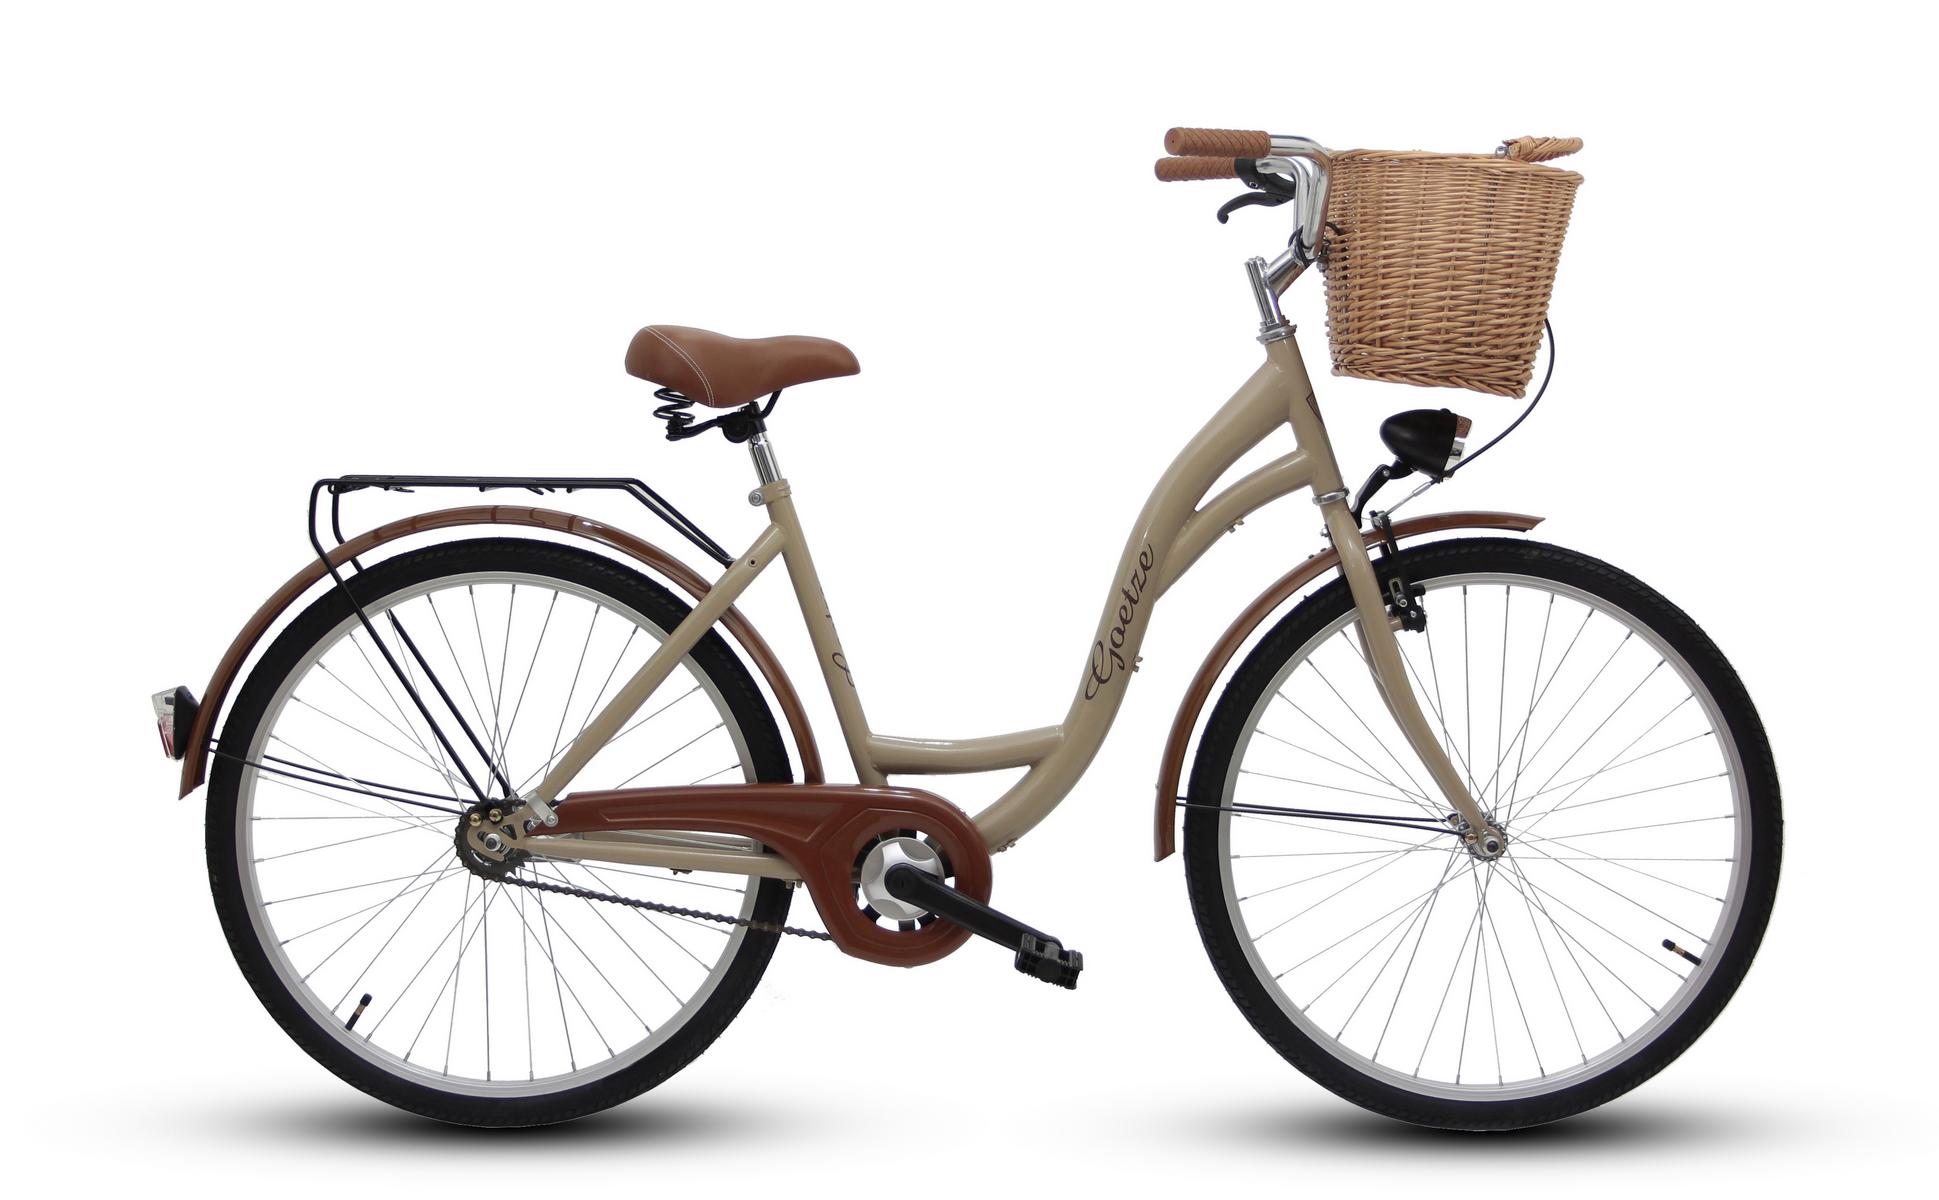 Dámsky mestský bicykel GOETZE 26 eco lady + košík !!!  Farba iná